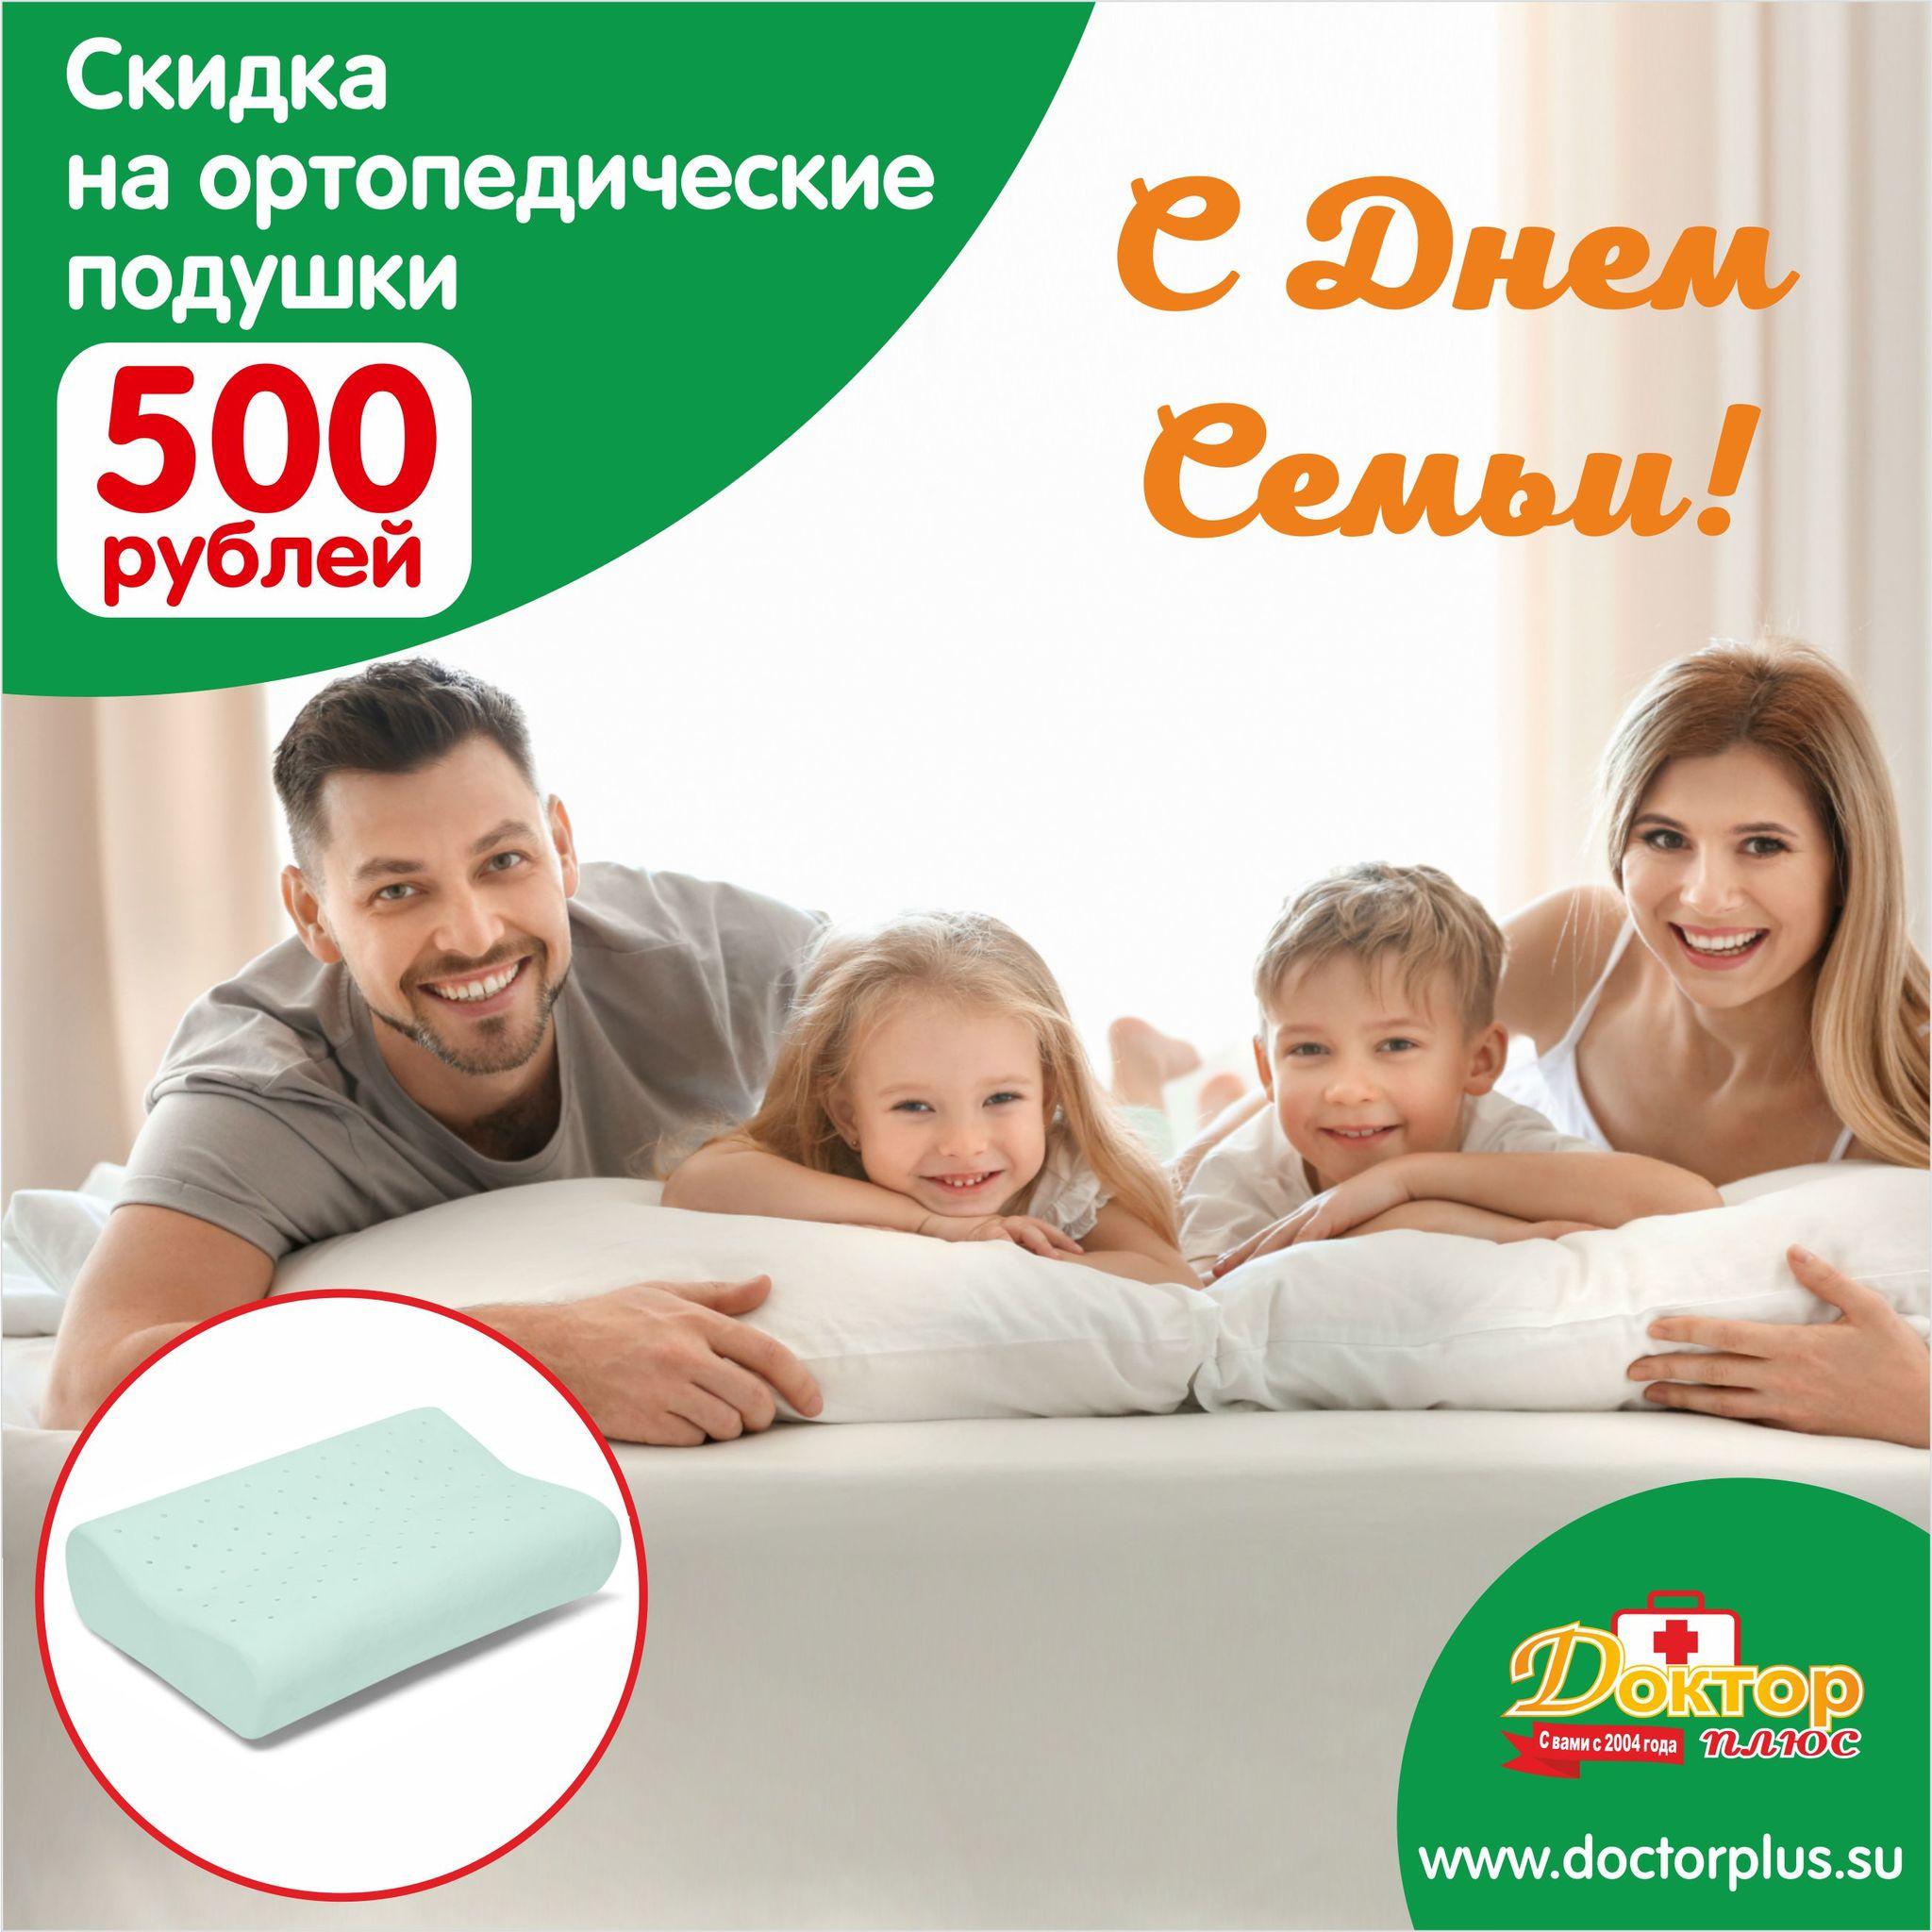 Скидки на подушки 500 рублей!